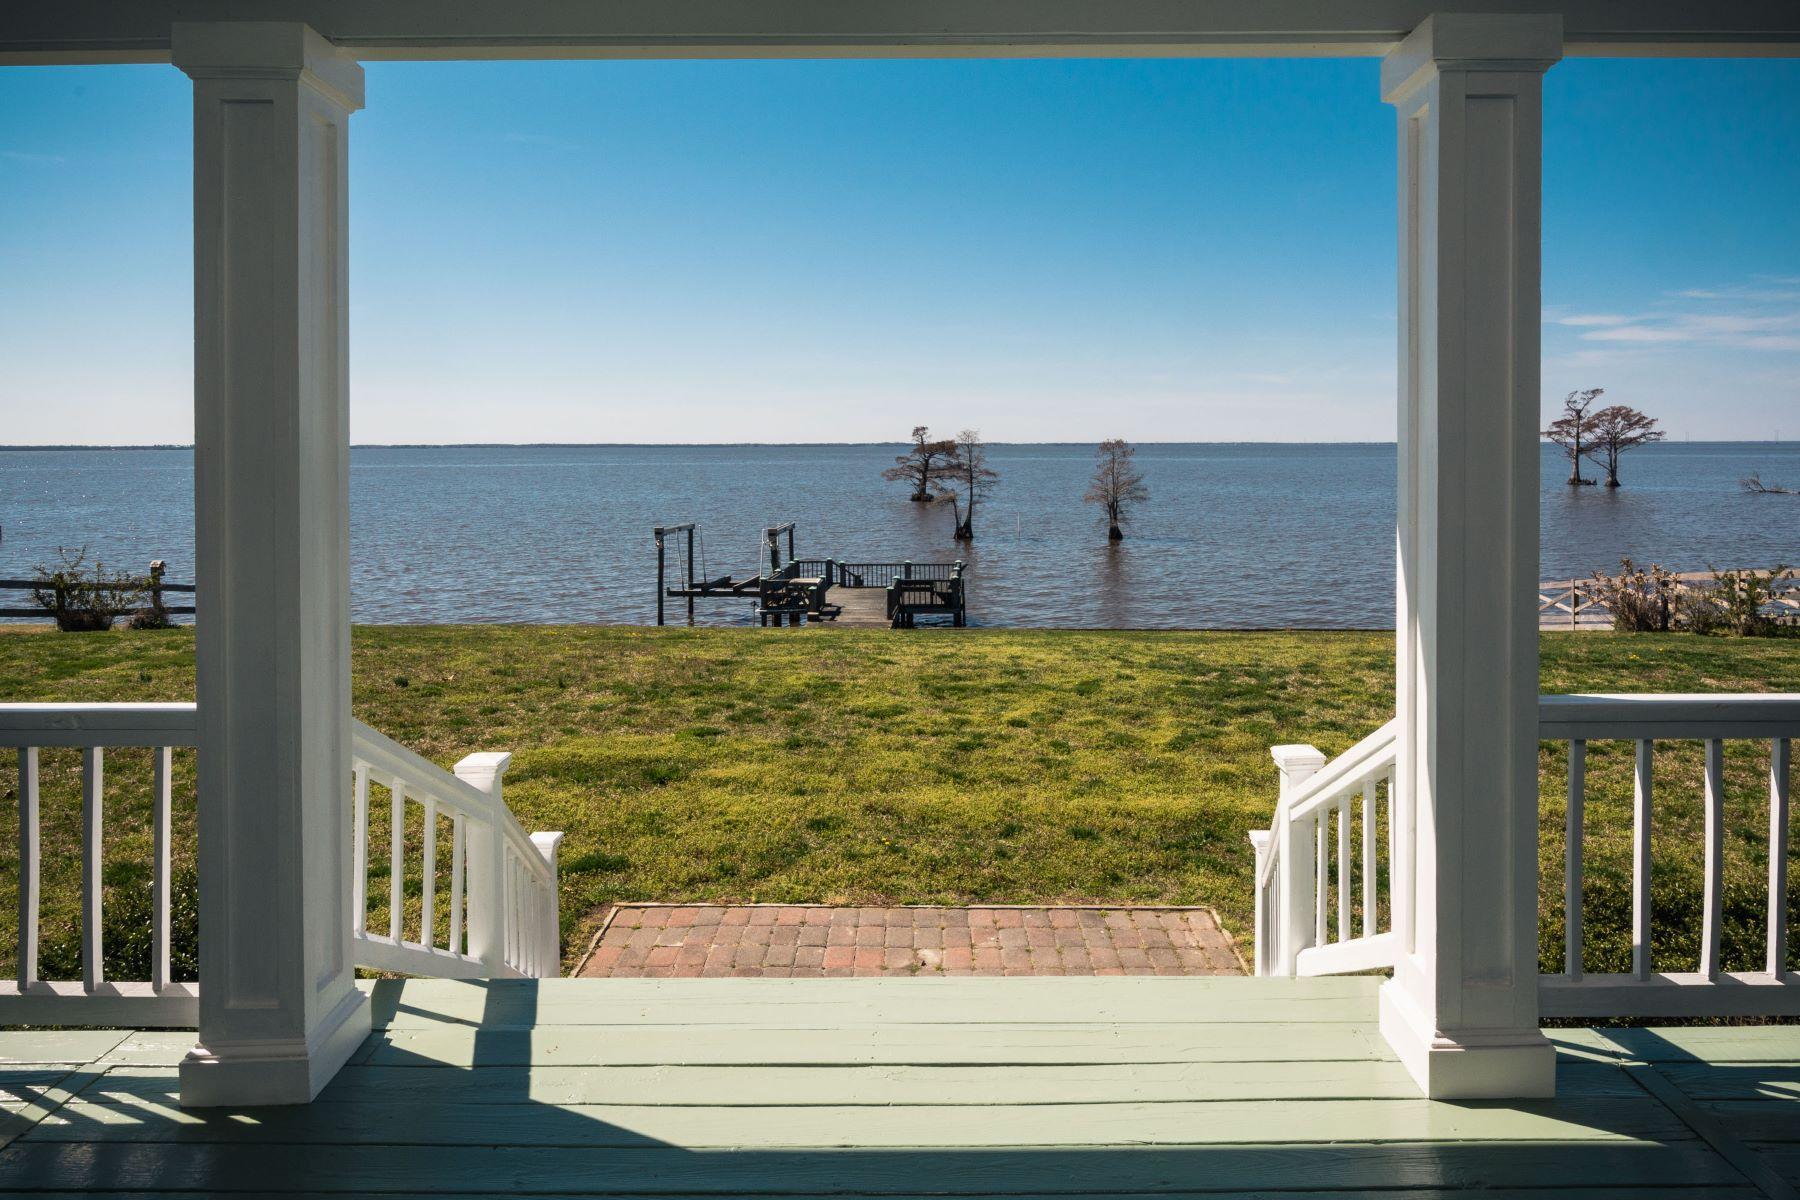 단독 가정 주택 용 매매 에 Water & Golf Front Home 119 Benbury Dr Edenton, 노스캐놀라이나, 27932 미국